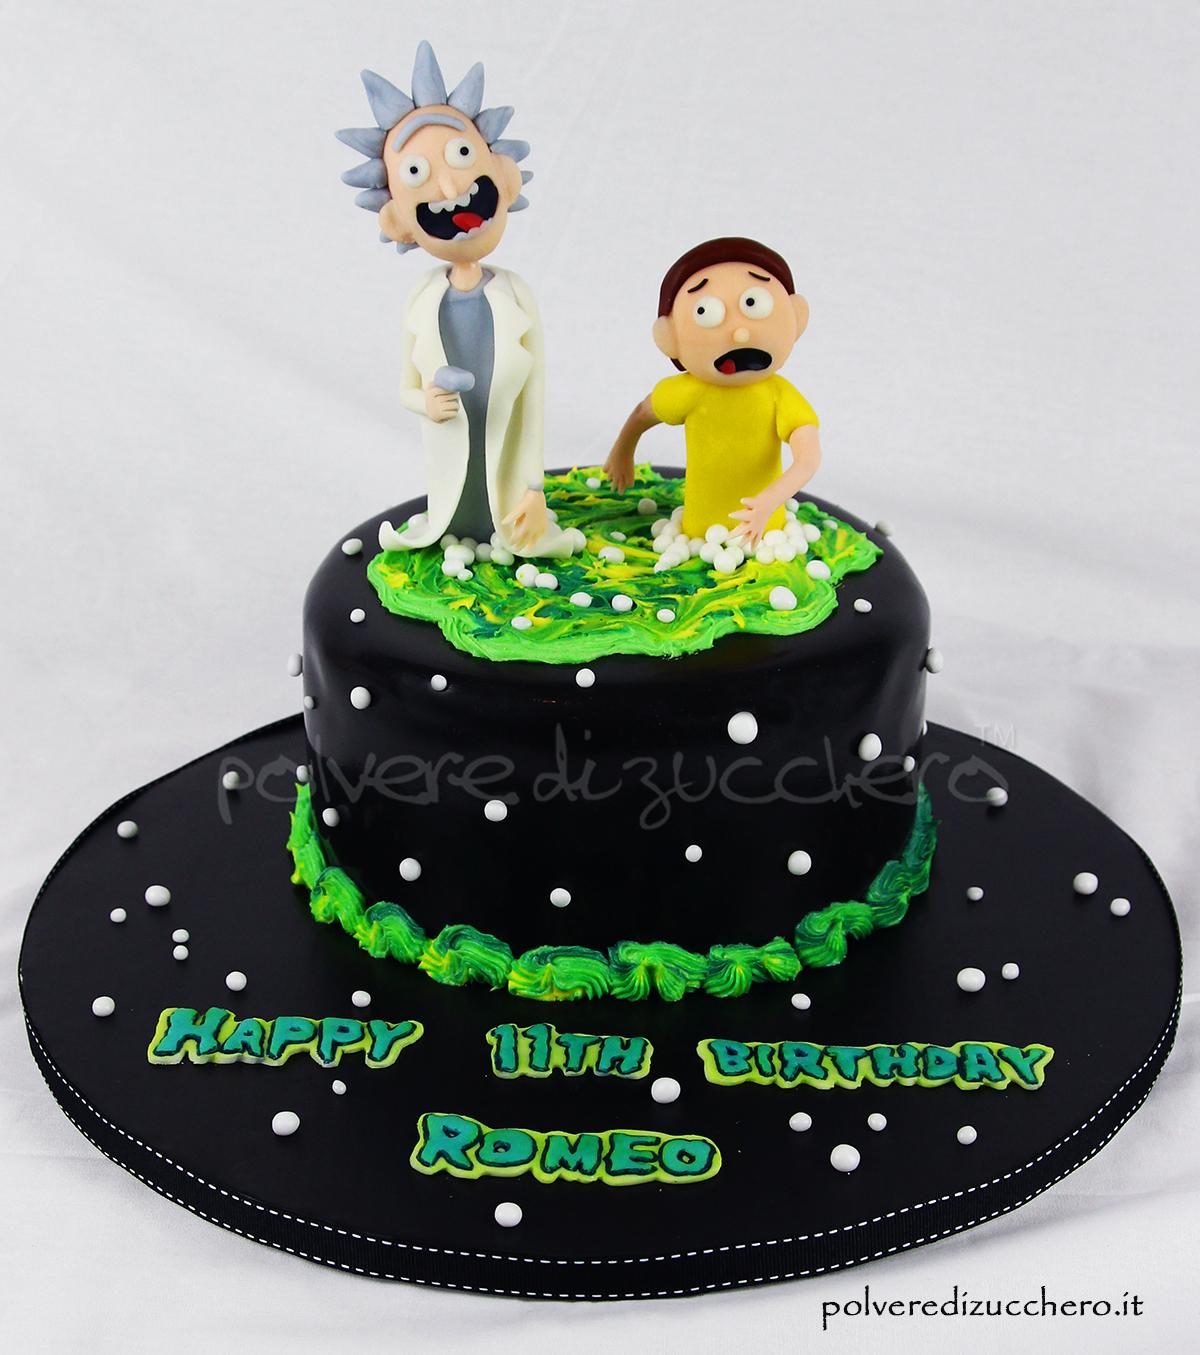 torta decorata rick  morty cake design pasta di zucchero polvere di zucchero copleanno bambini rick e morty cake